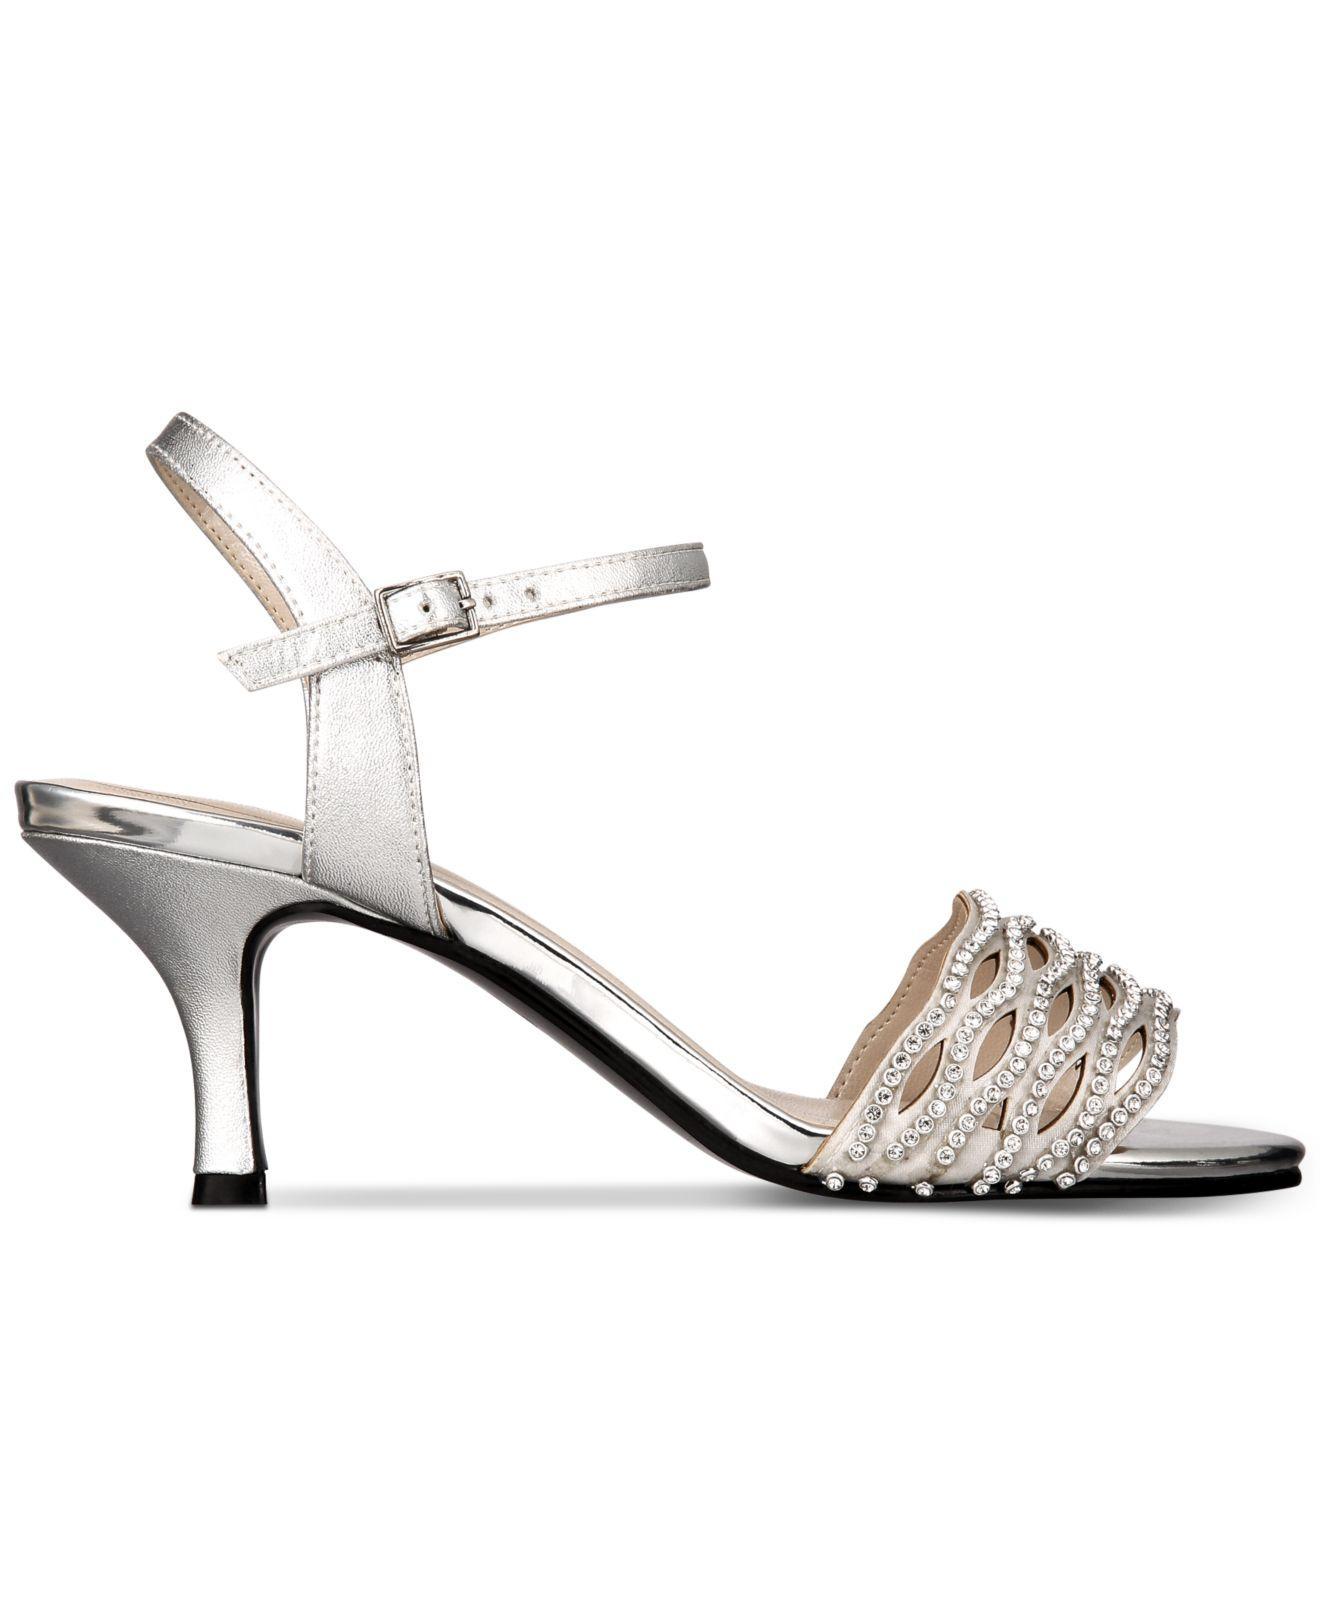 1fb781a19a56 Lyst - Caparros Quirin Dress Sandals in Metallic